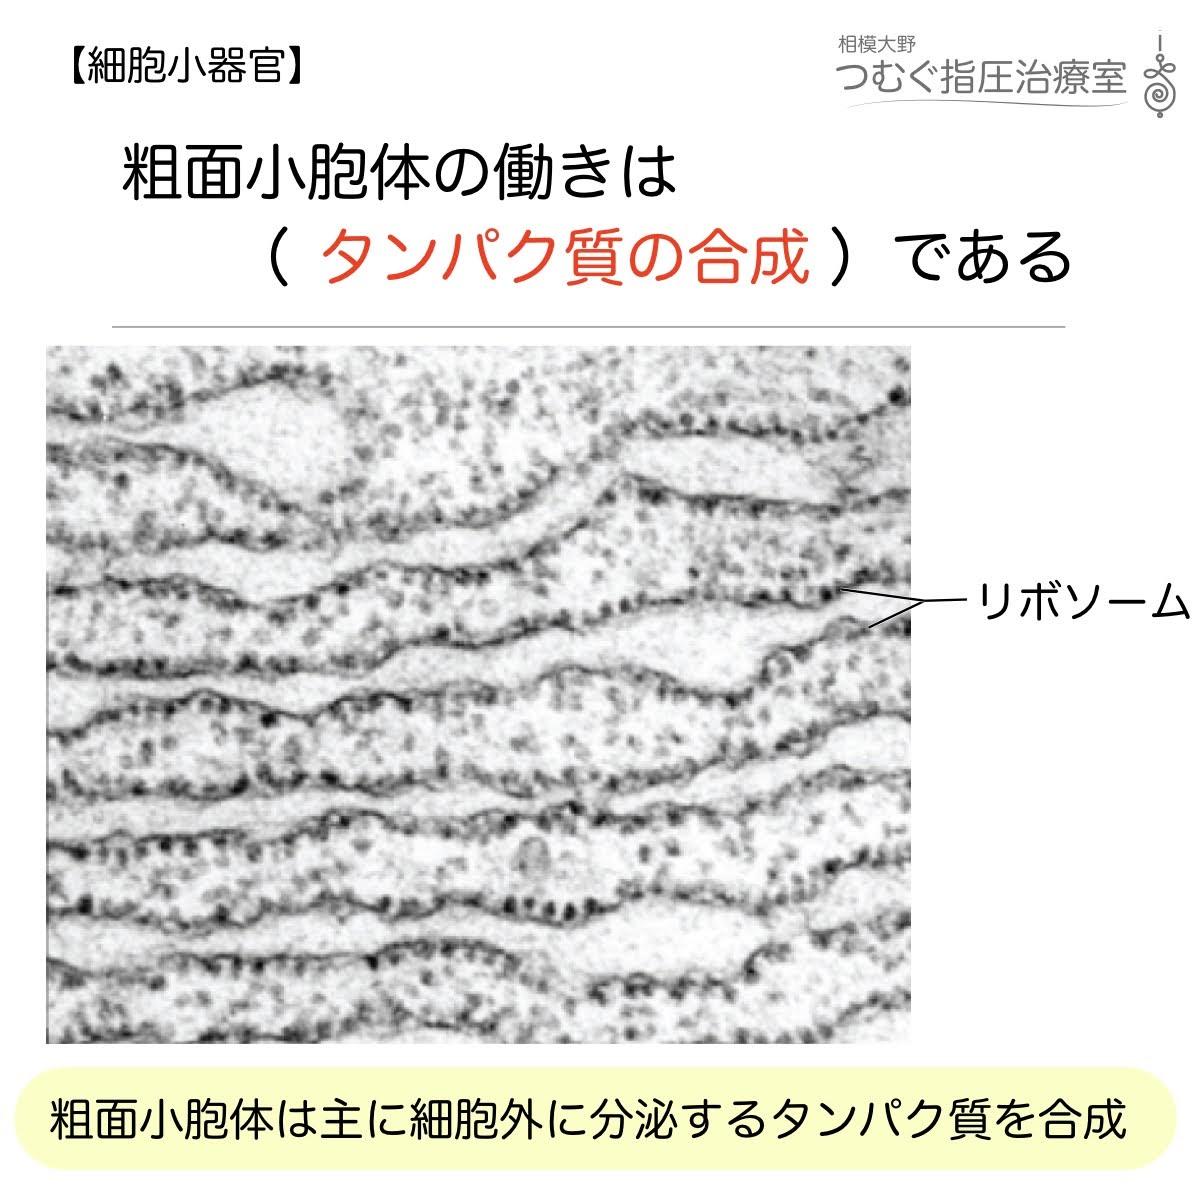 粗面小胞体の働きはタンパク質の合成である